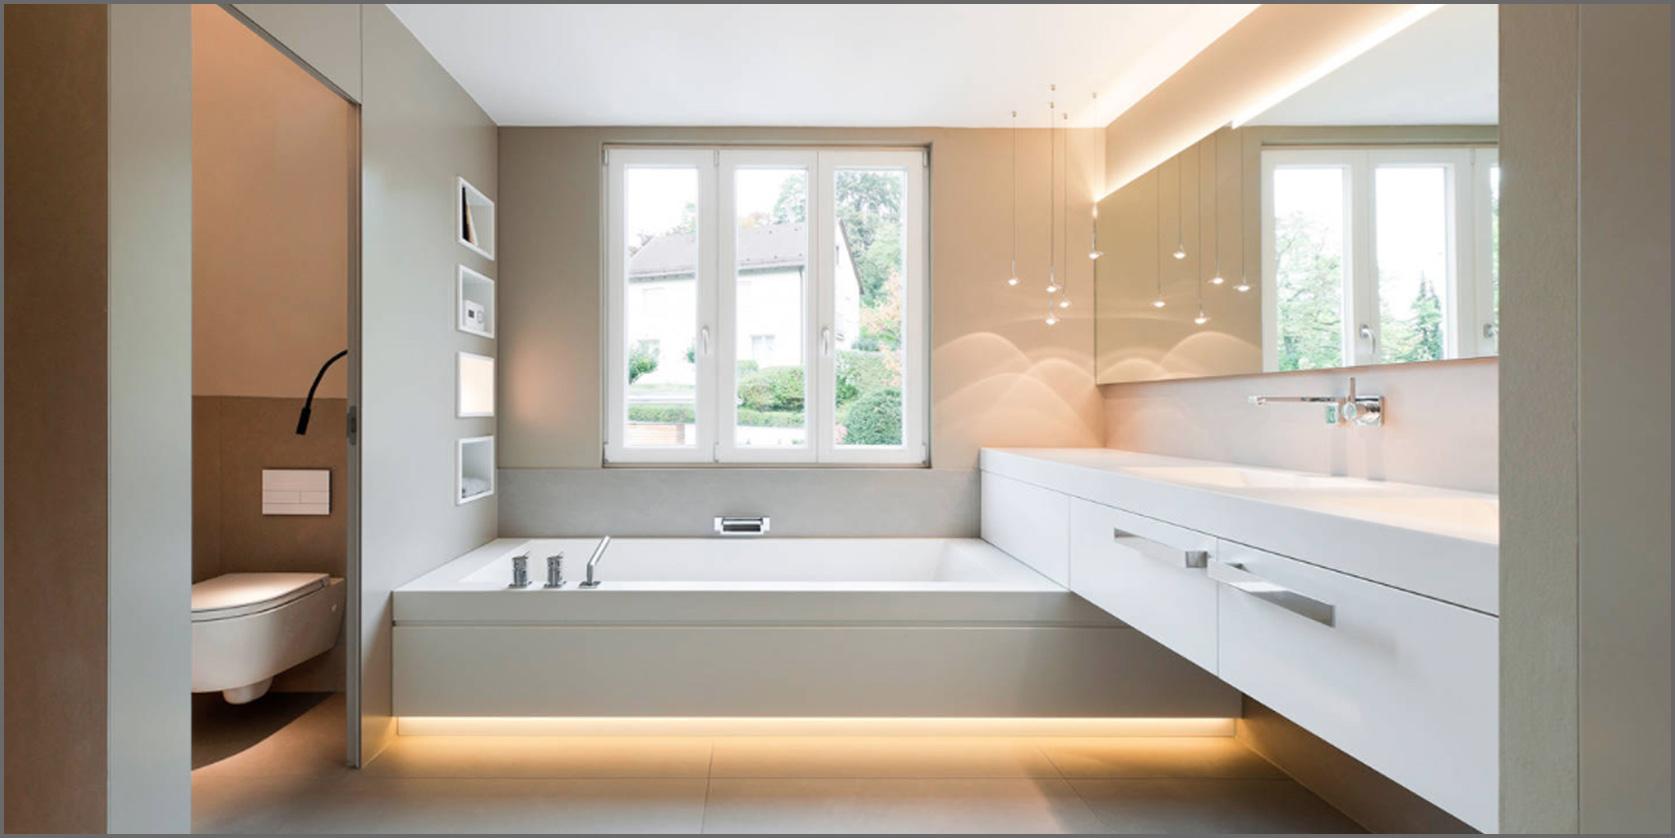 Soluzioni per illuminare una stanza buia parte i progettazione casa